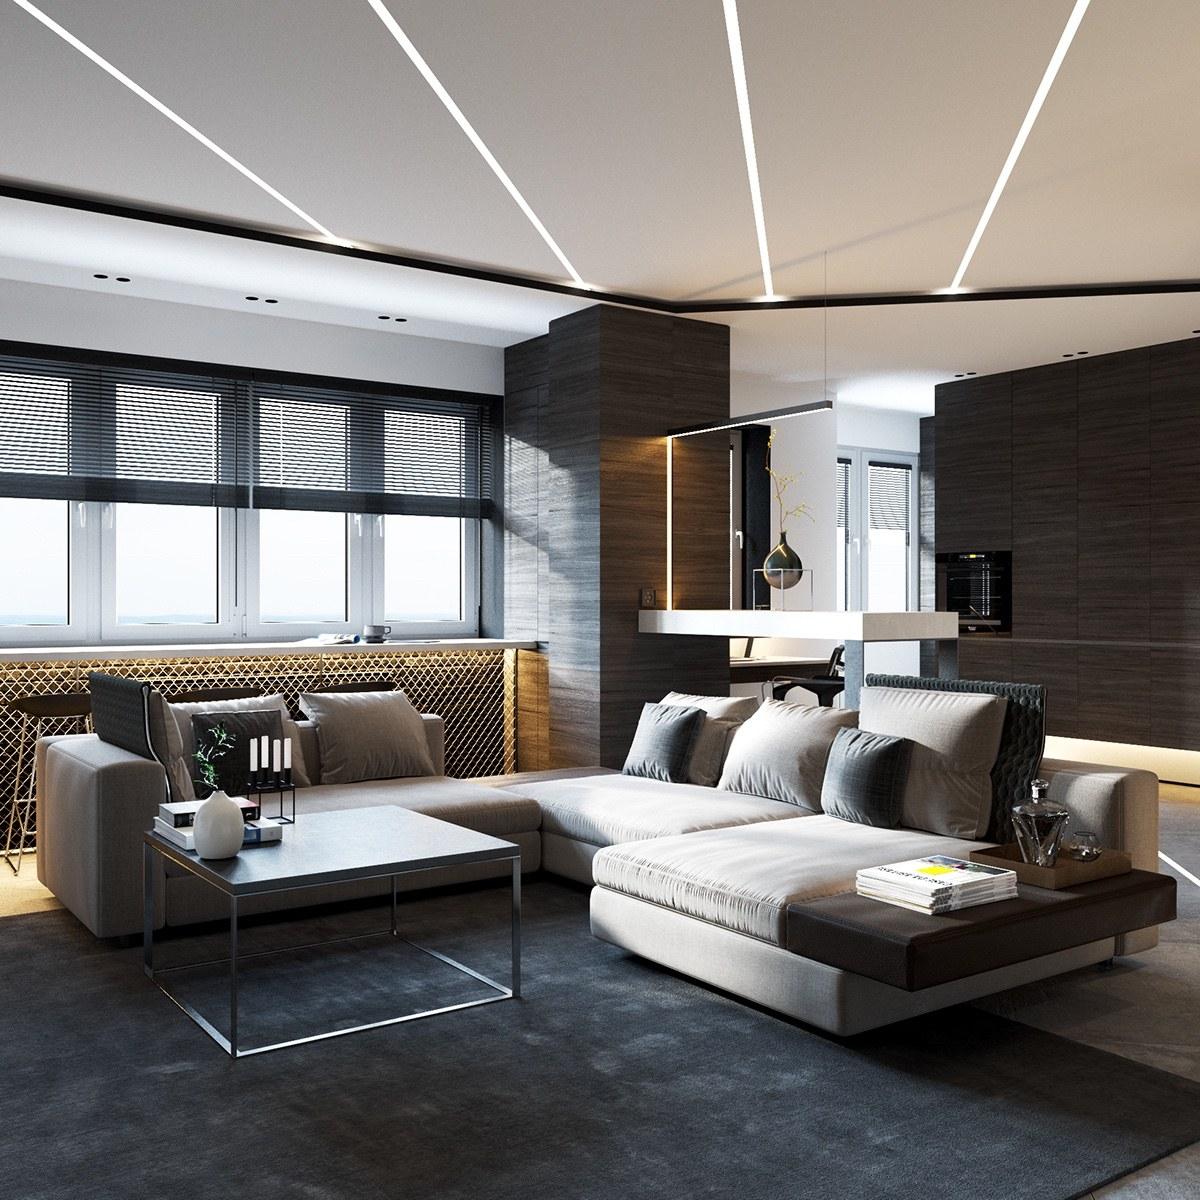 Многофункциональная мебель в интерьере: фото-идеи по оптимизации пространства